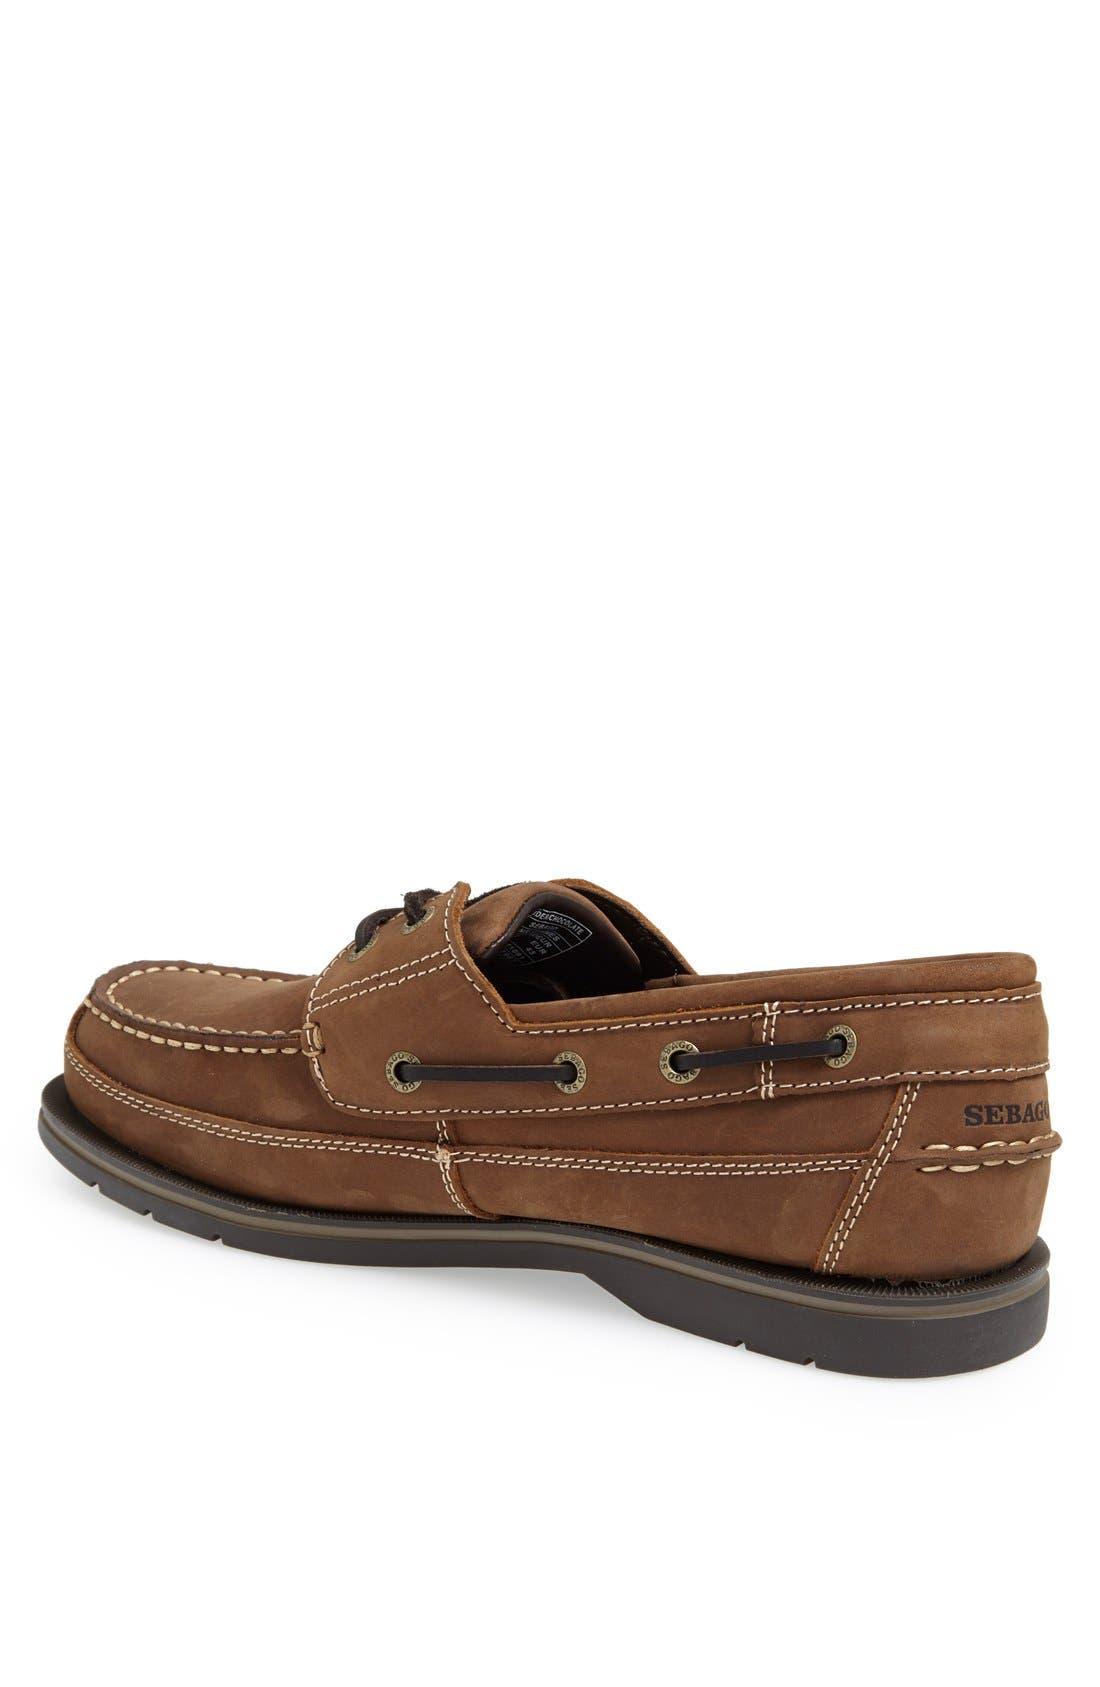 Alternate Image 2  - Sebago 'Grinder' Boat Shoe